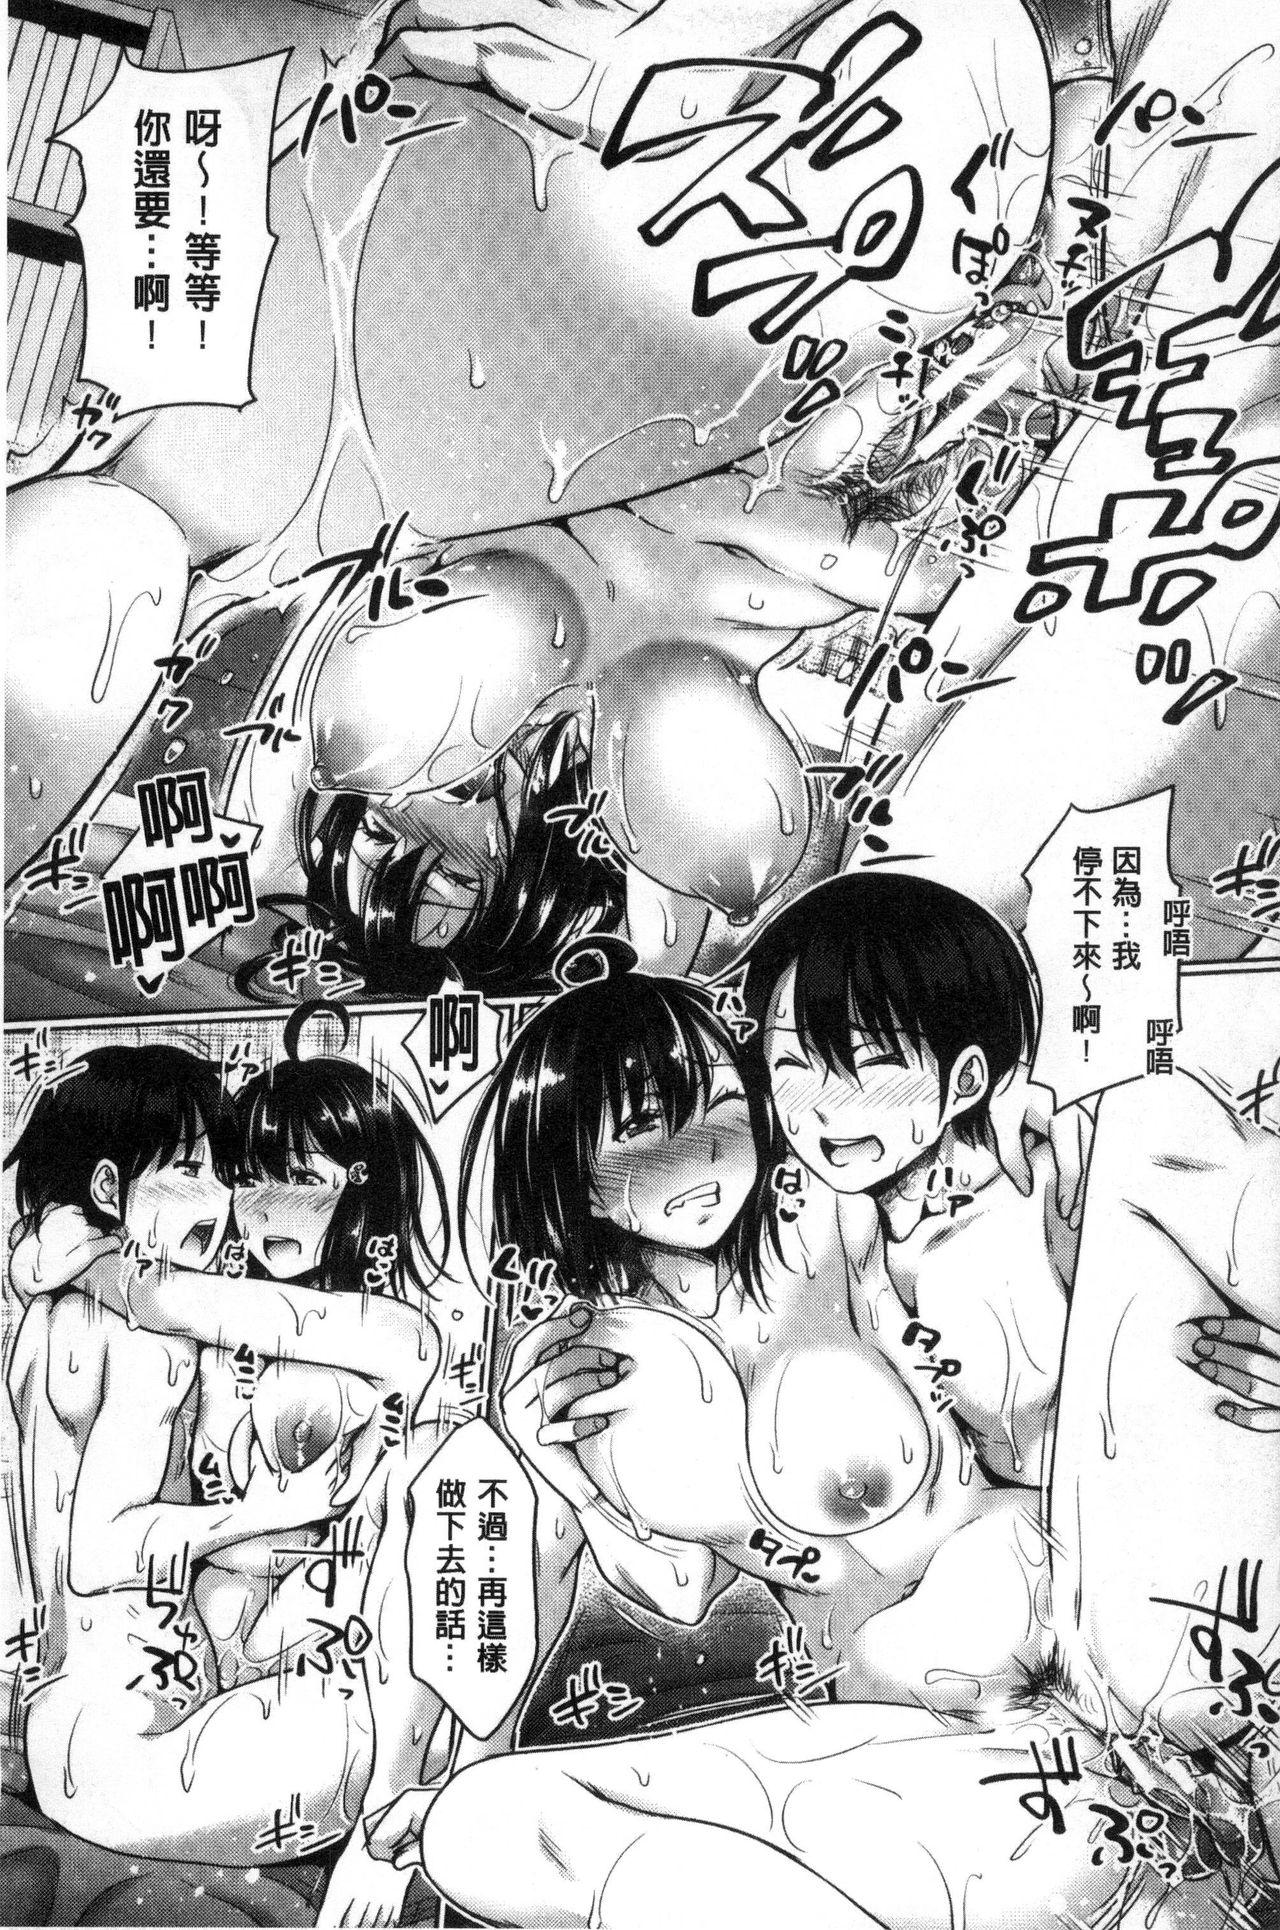 [Takuwan] Sanshimai Show Time -Moshi Ore ga 10-nen mae no Sugata de Seishun Yarinaosetara- | 三姉妹ShowTime -如果我以10年前的模樣青春再玩一次的話- [Chinese] 142